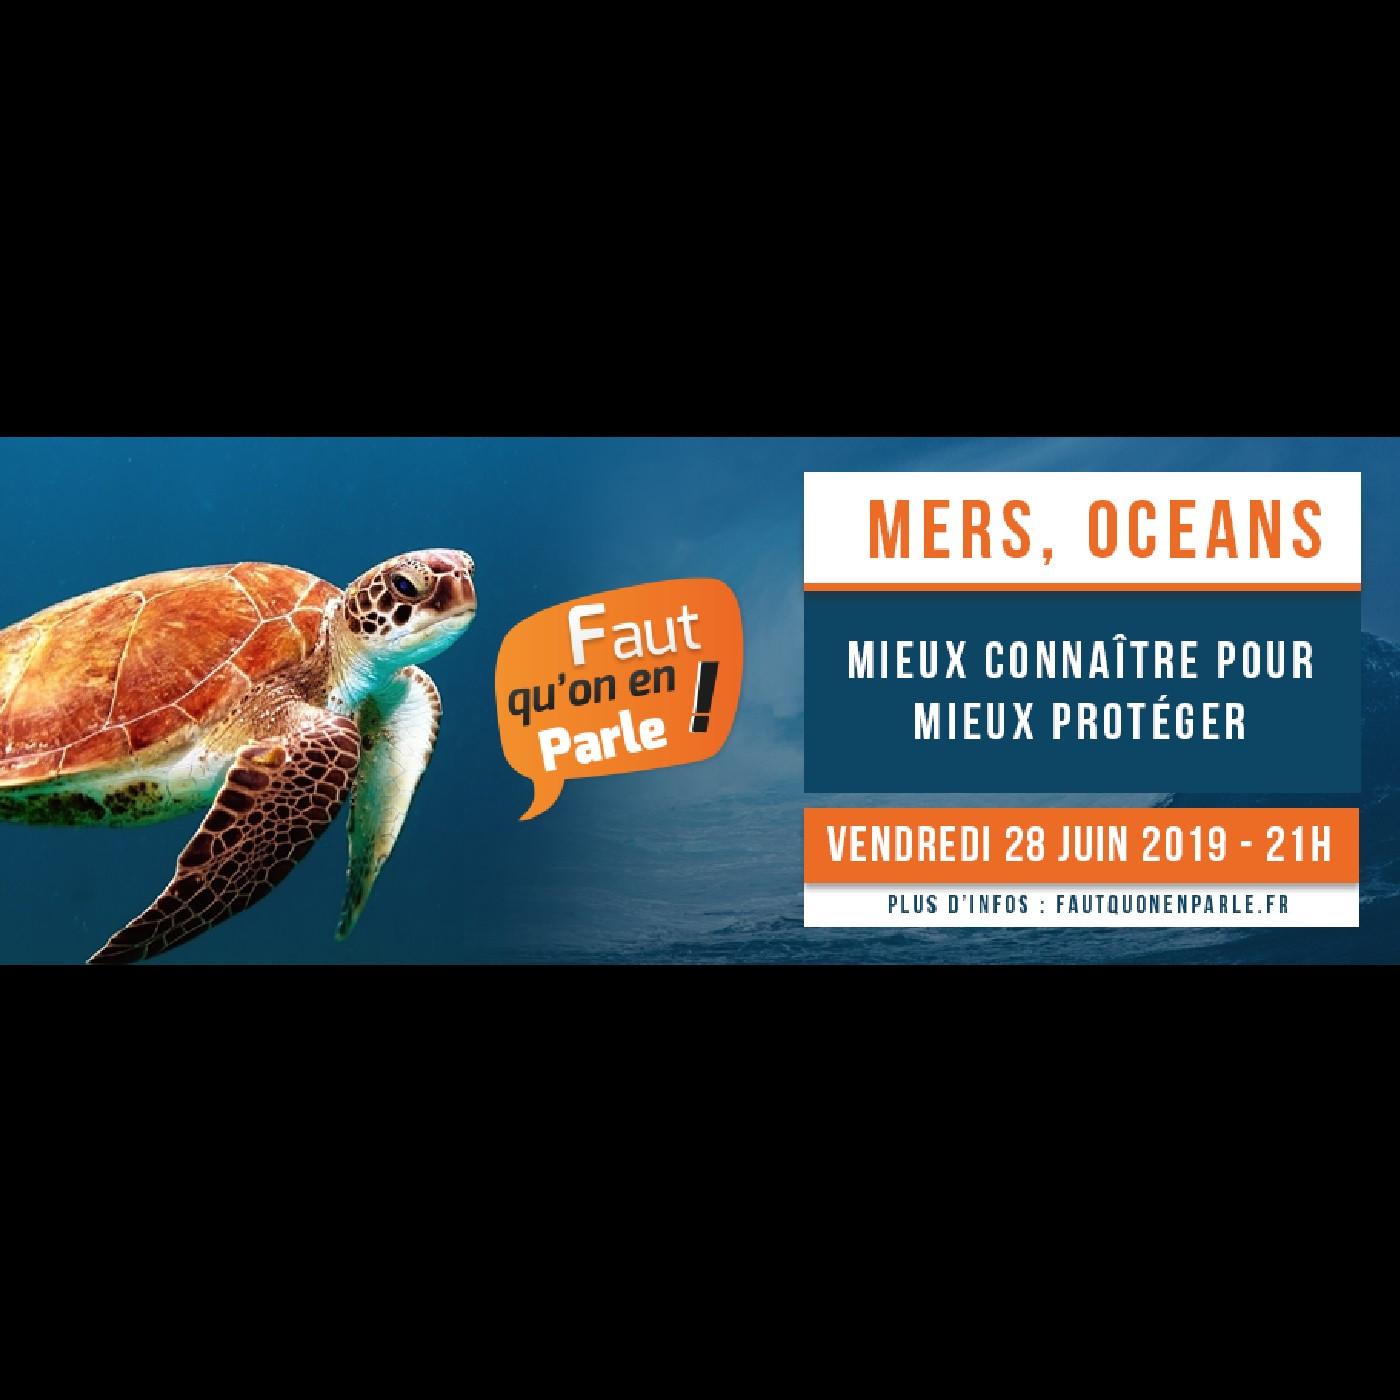 MERS, OCEANS: Mieux connaître pour mieux protéger